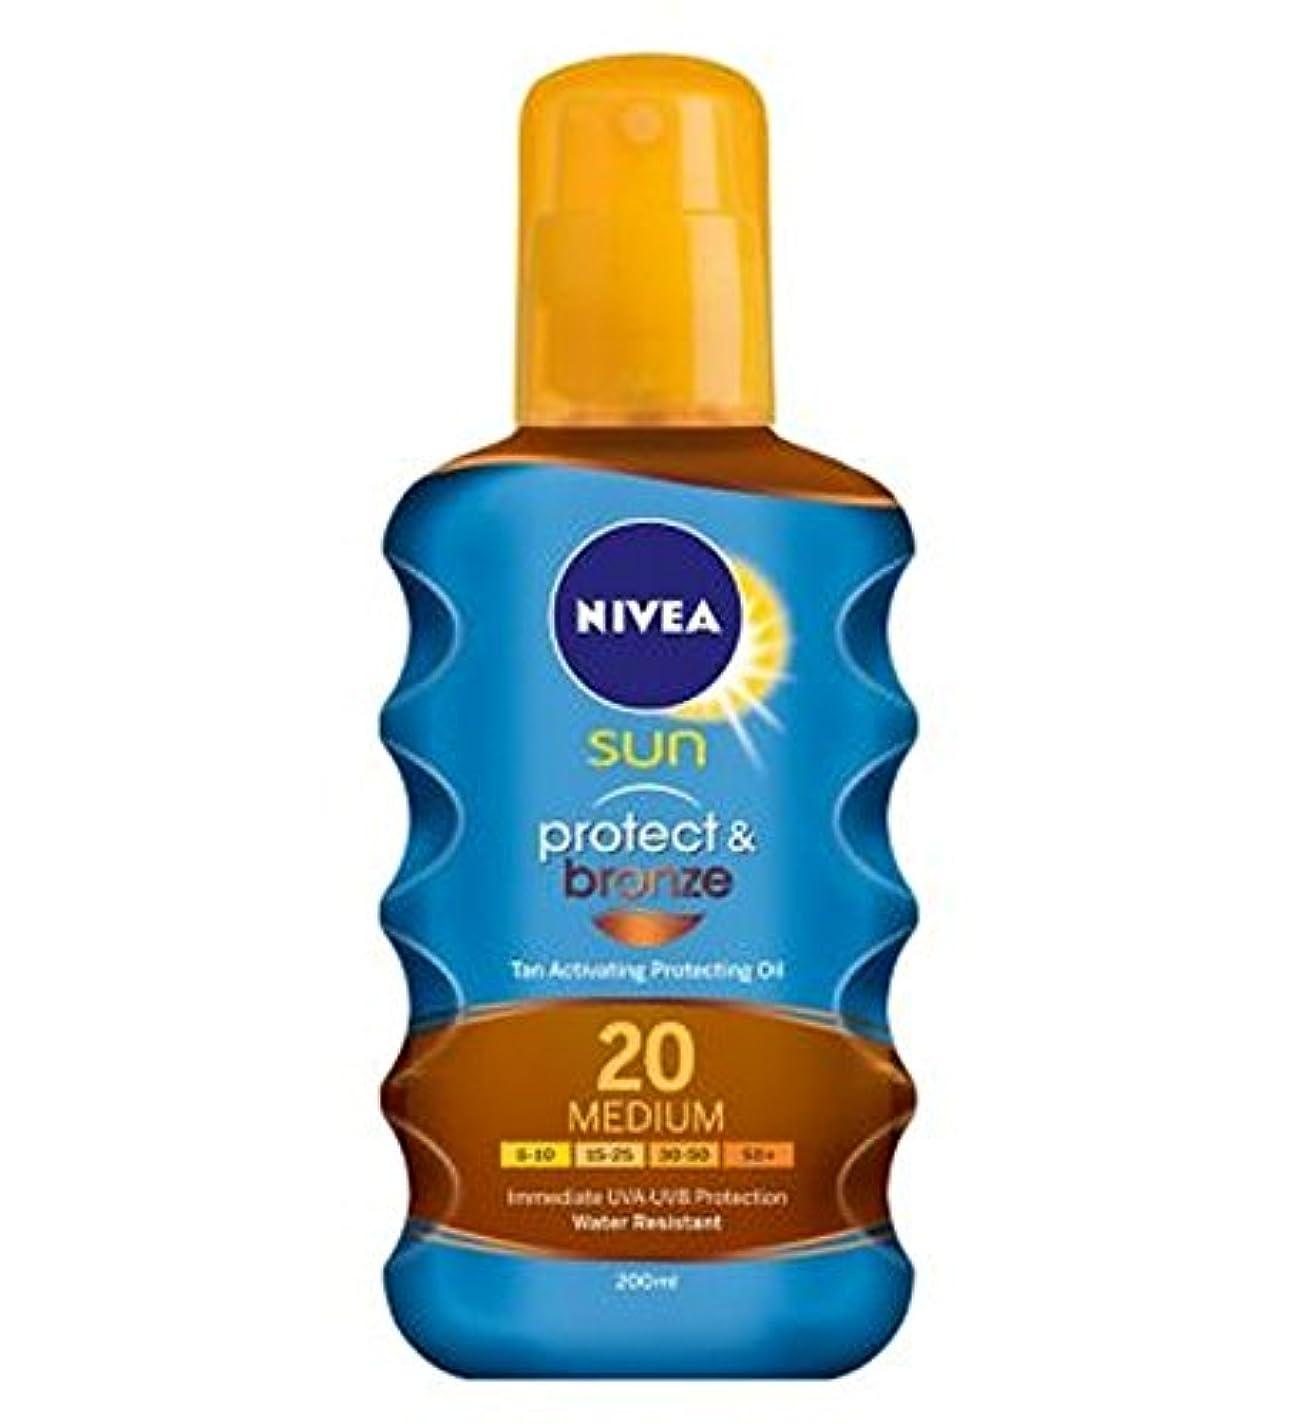 土砂降り手がかり理解するNIVEA SUN Protect & Bronze Tan Activating Protecting Oil 20 Medium 200ml - ニベアの日は、油媒体20 200ミリリットルを保護する日焼け活性化を保護&ブロンズ (Nivea) [並行輸入品]